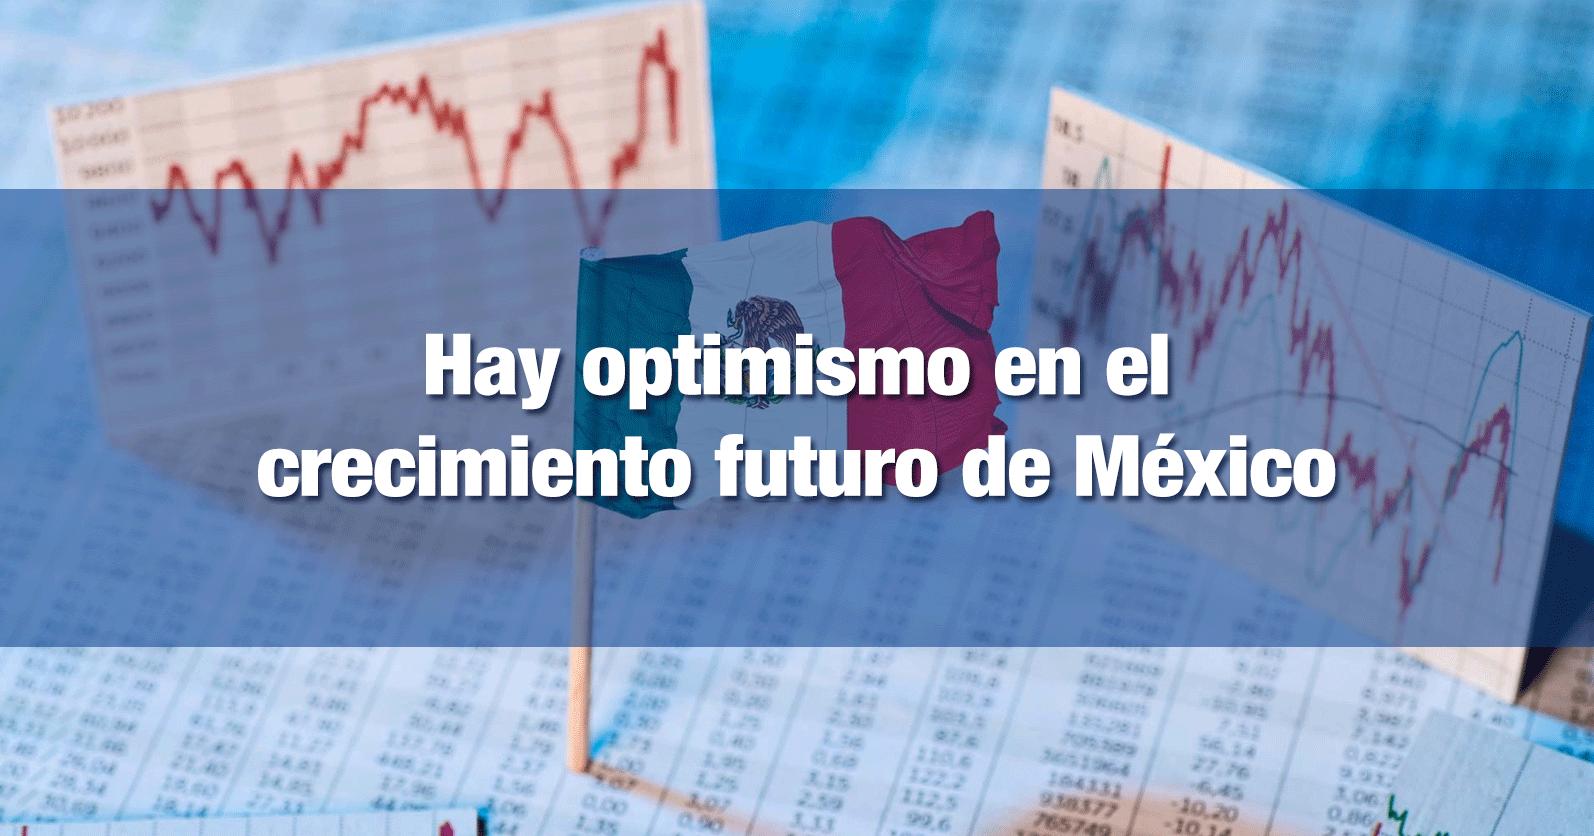 Hay optimismo en el crecimiento futuro de México